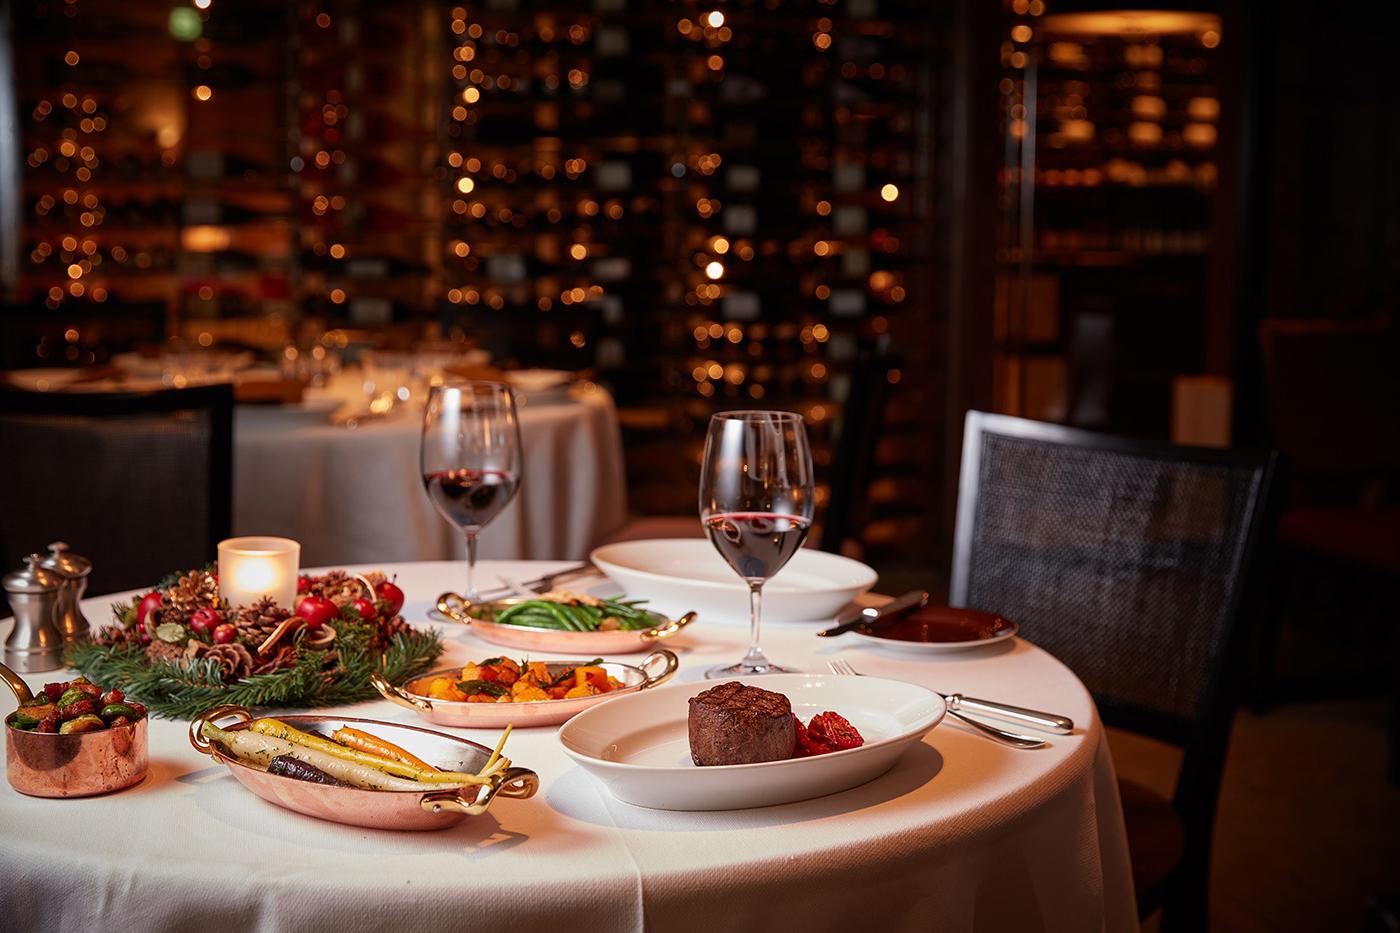 Festive Christmas Dinners Restaurants At A Luxurious Roppongi Hotel Grand Hyatt Tokyo